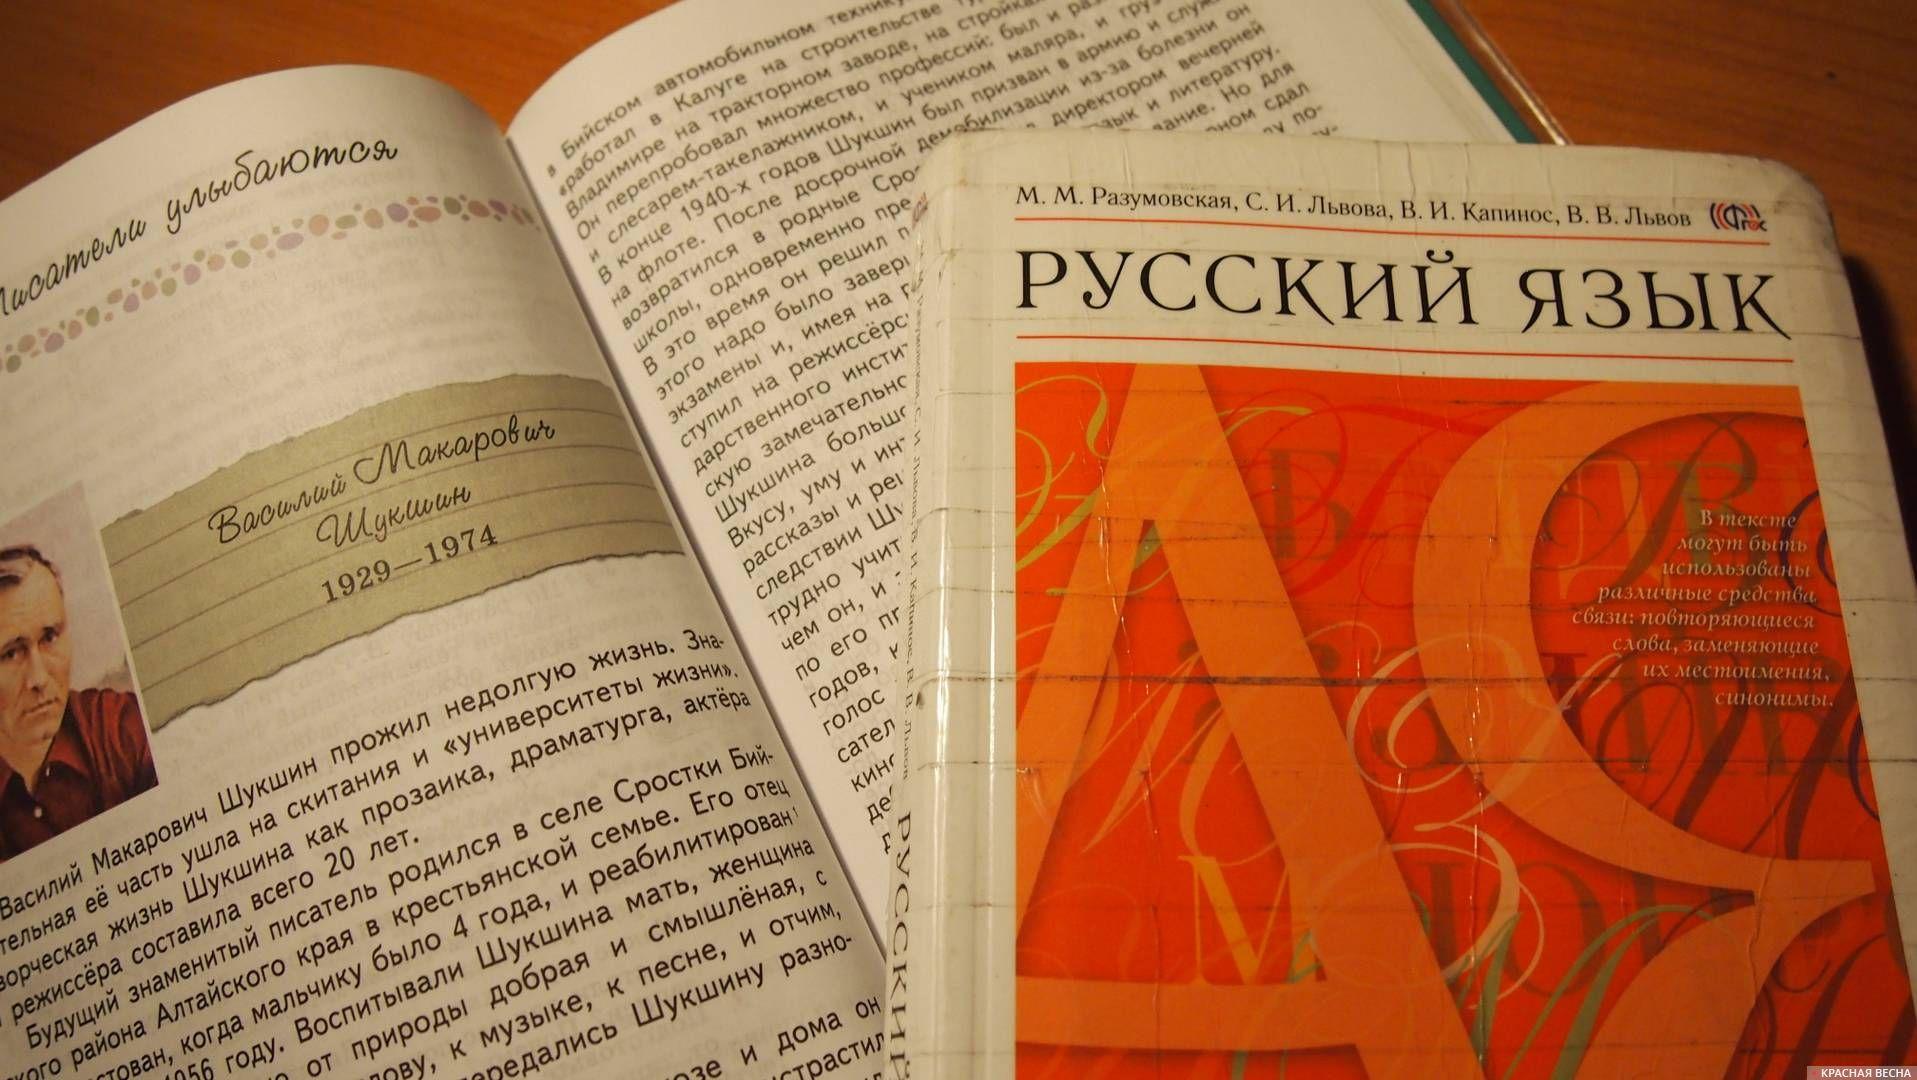 Русский язык Ольга Перегуд © ИА Красная Весна